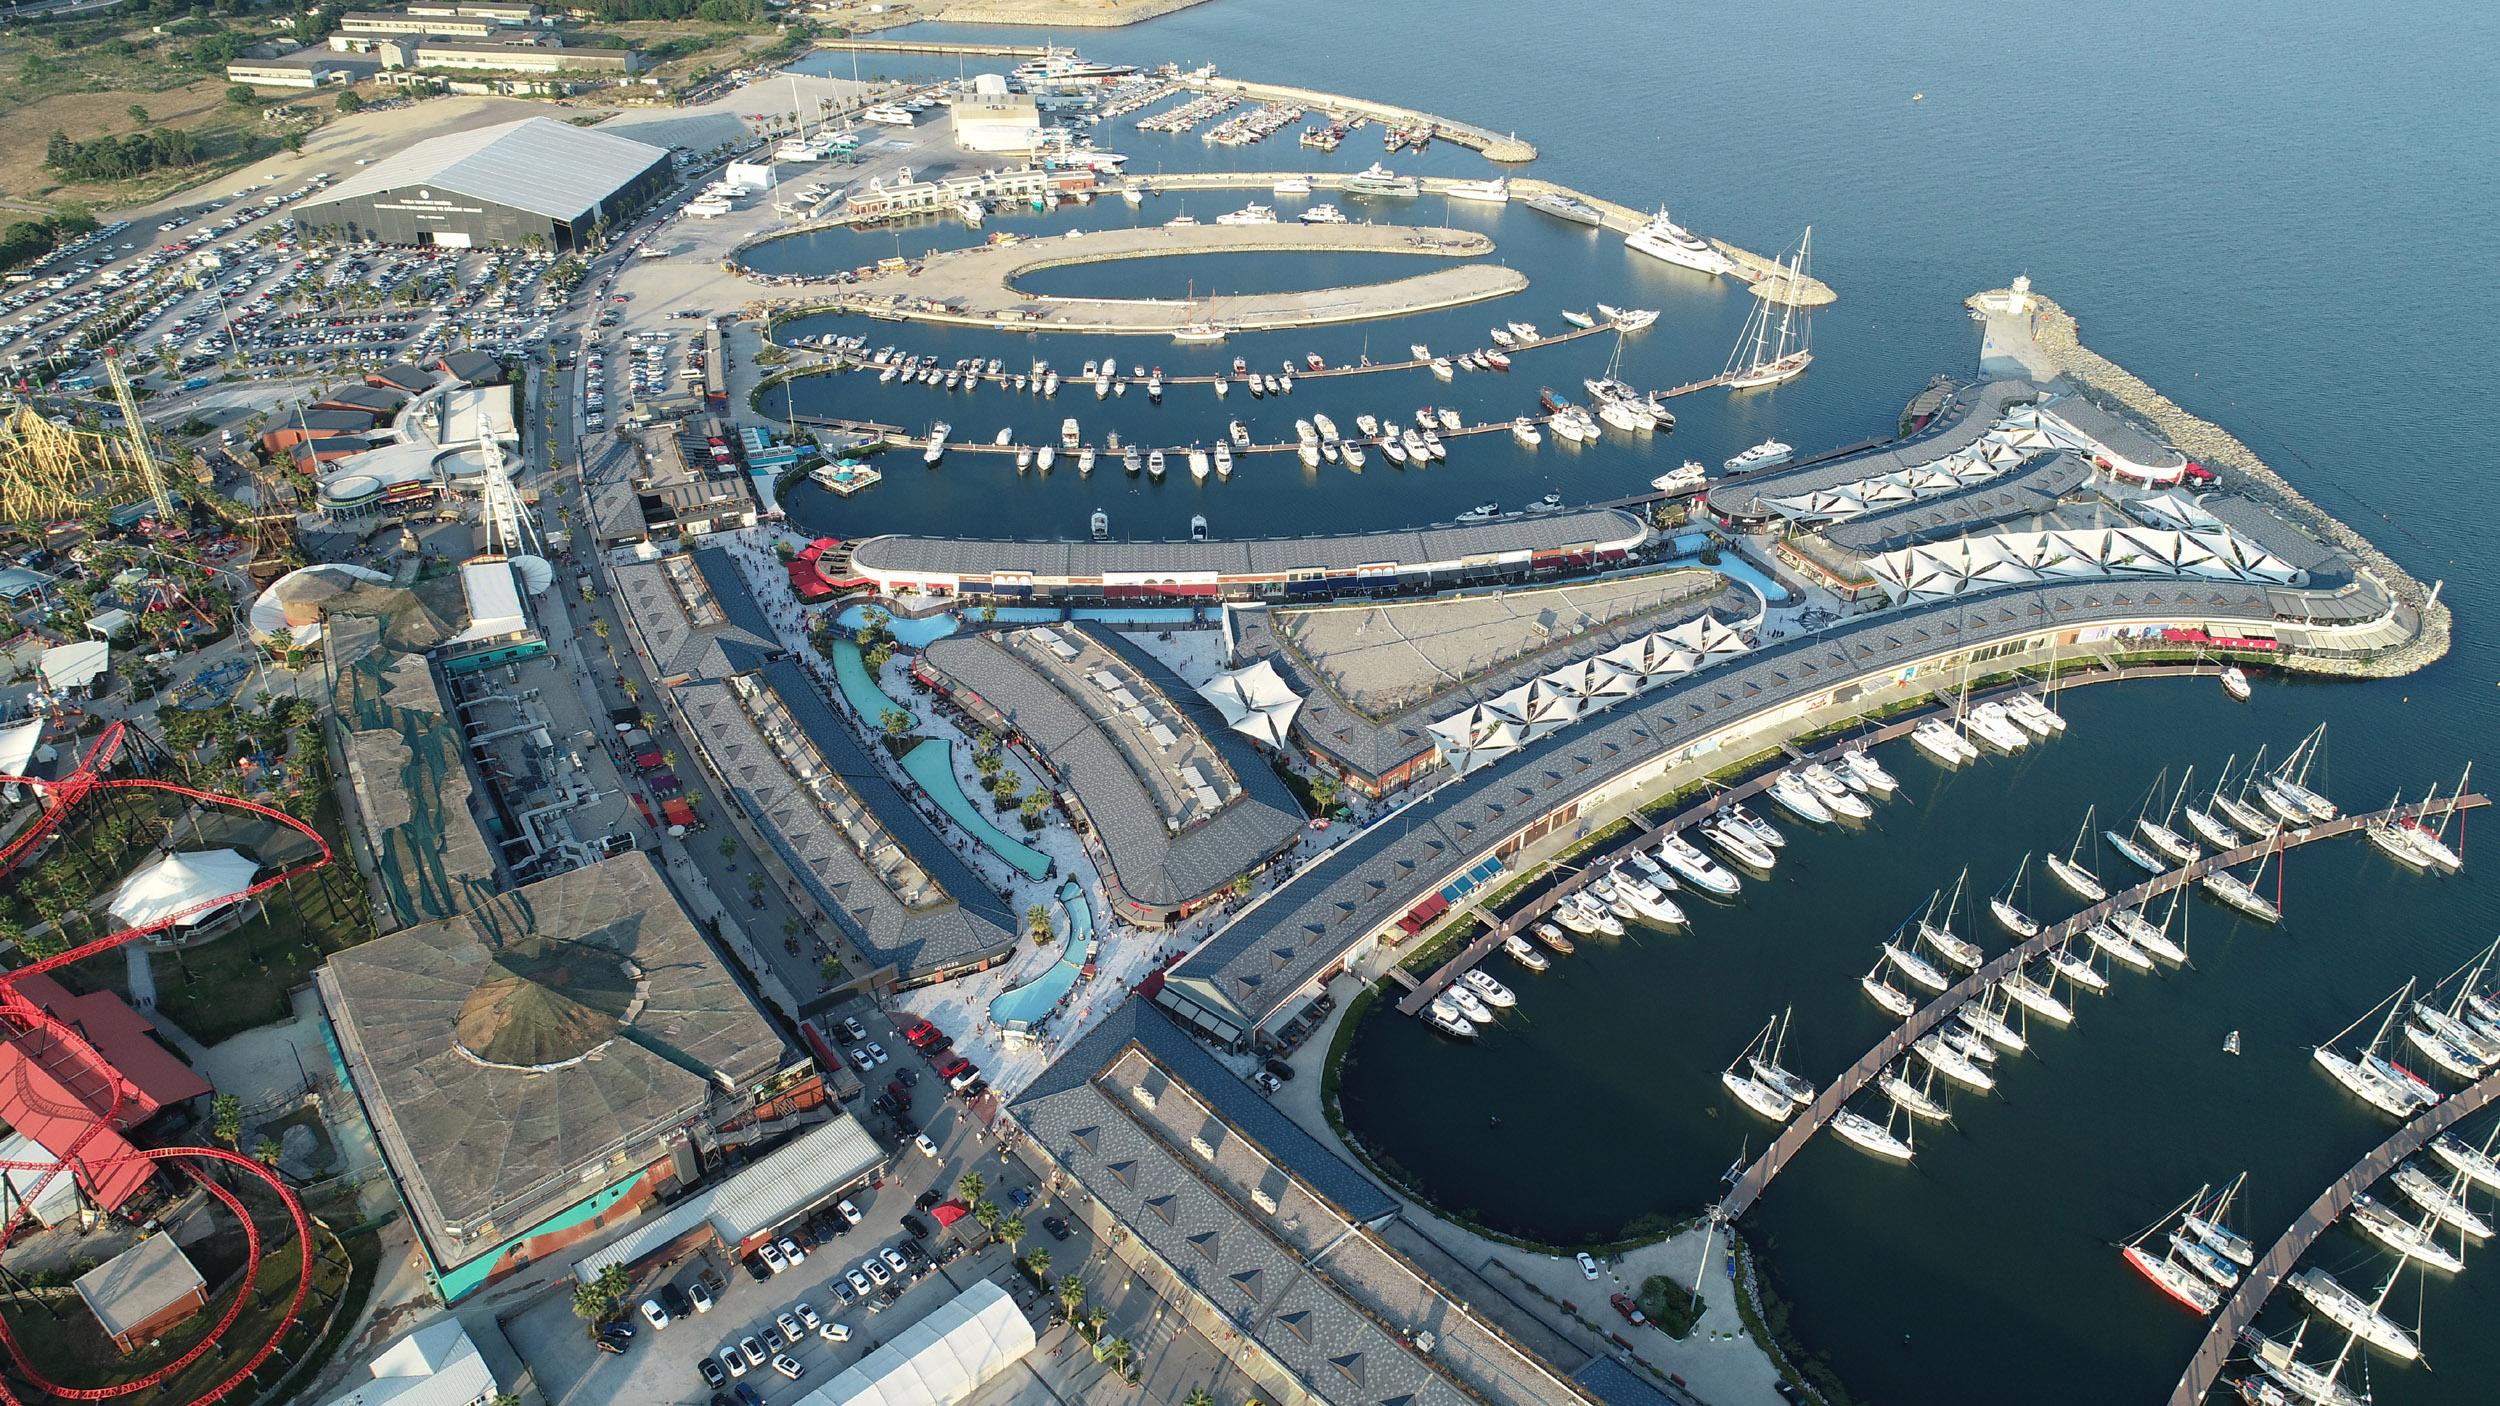 Viaport Marina'da Tekne kampanyası bir ay daha uzatıldı